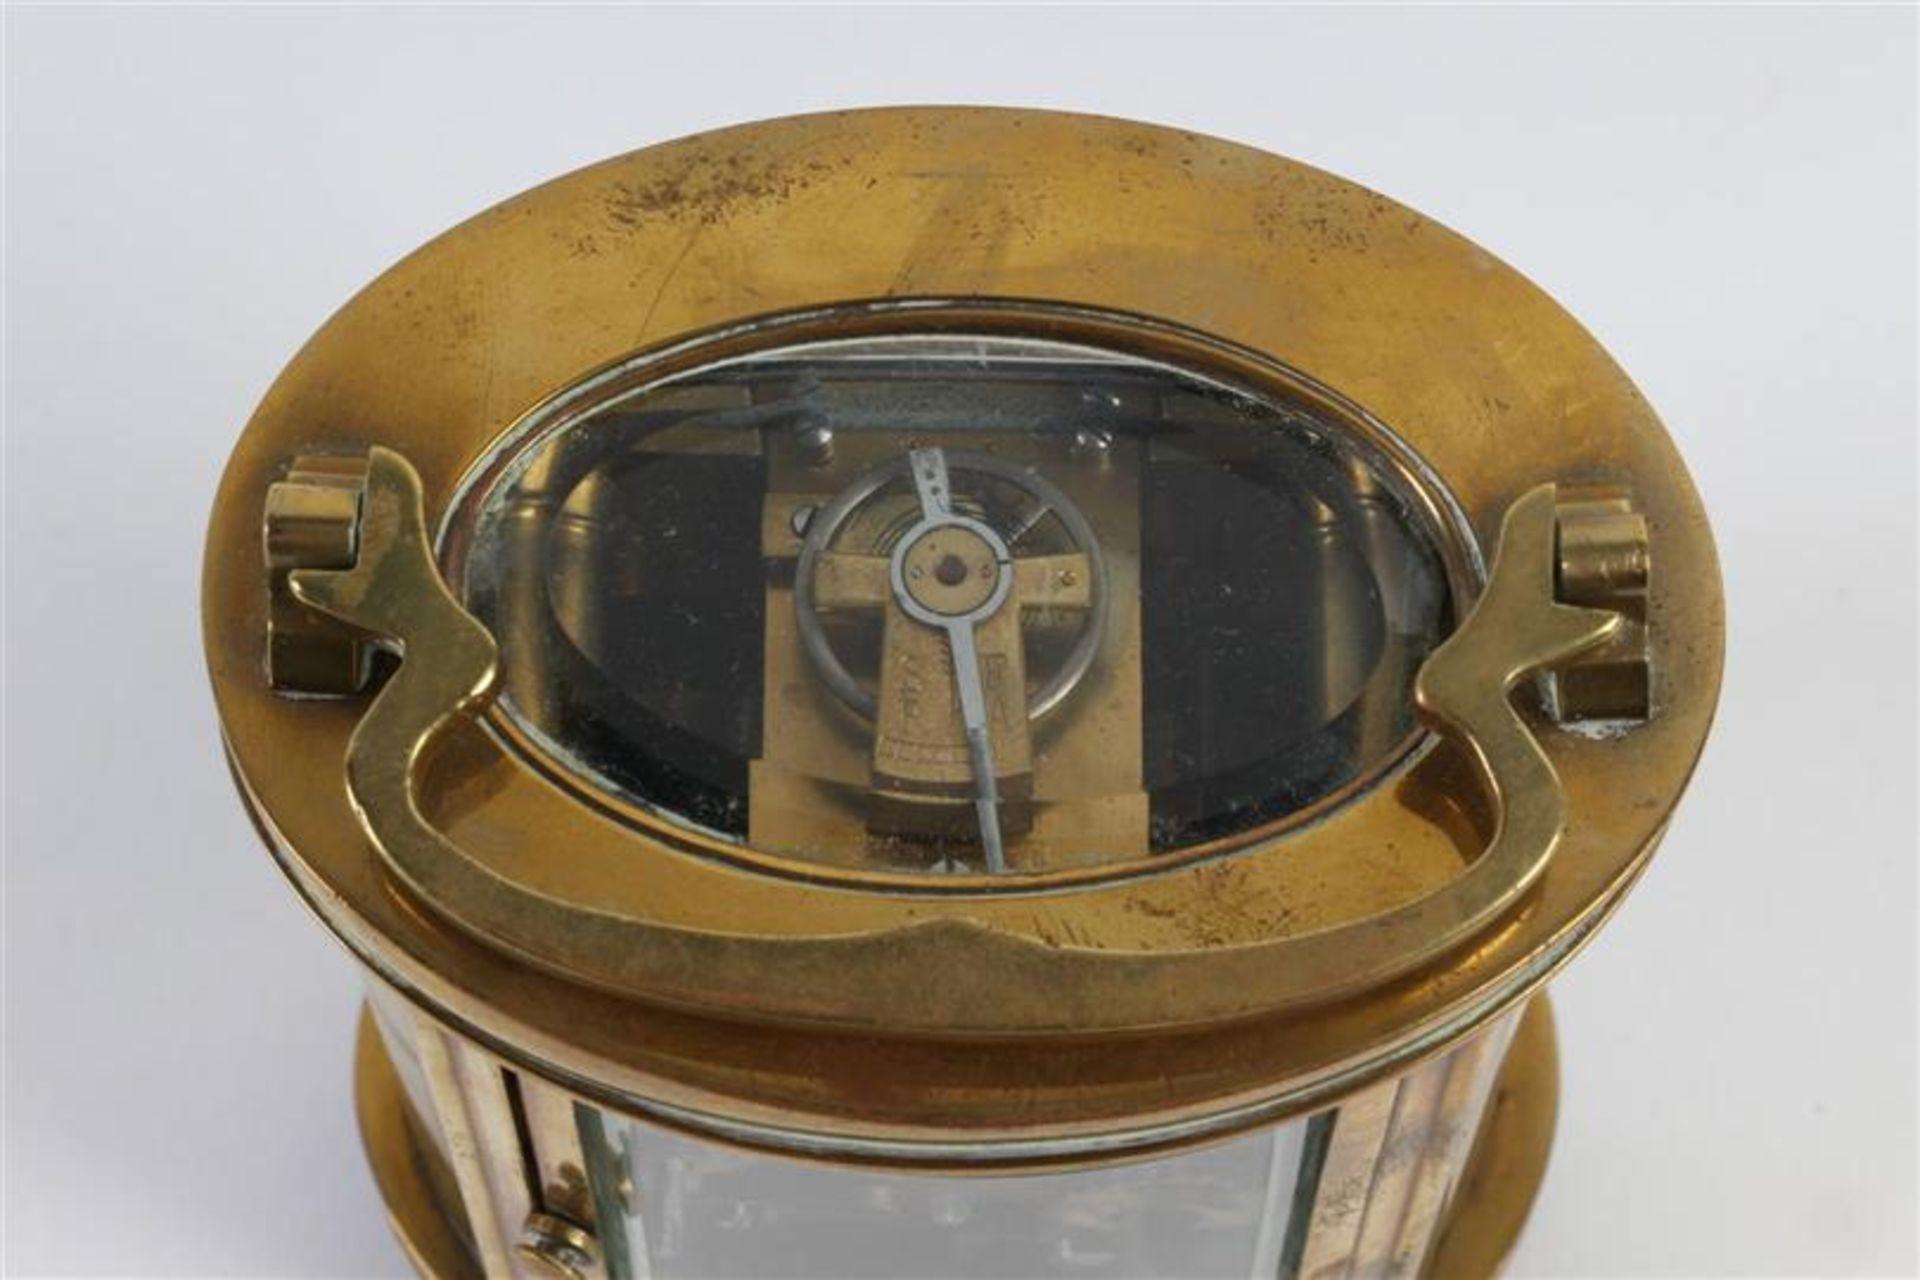 Los 25 - Ovale reiswekker. H: 12.5 cm.